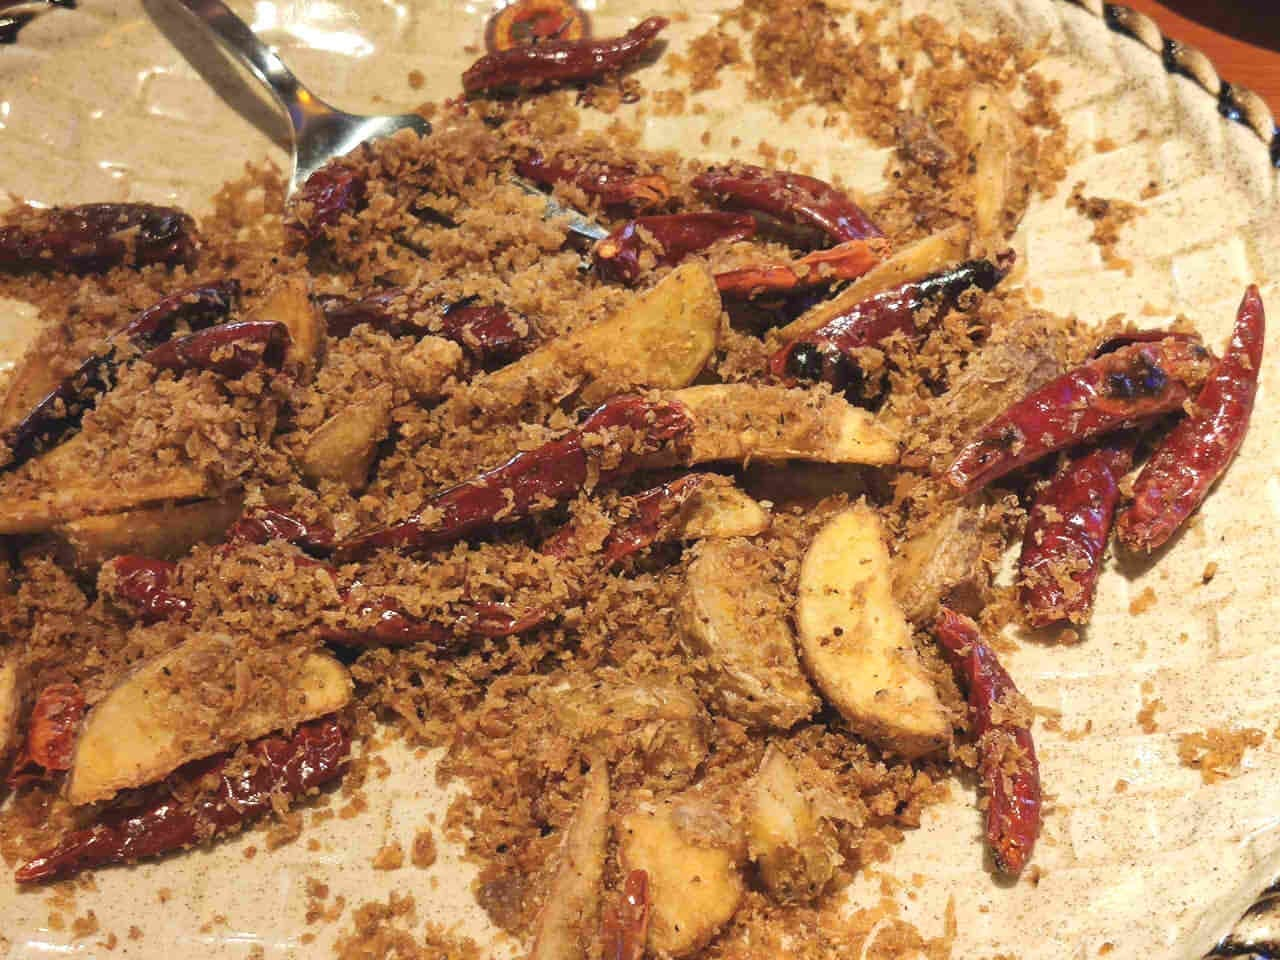 中国茶房8のゴビ砂漠スペアリブ